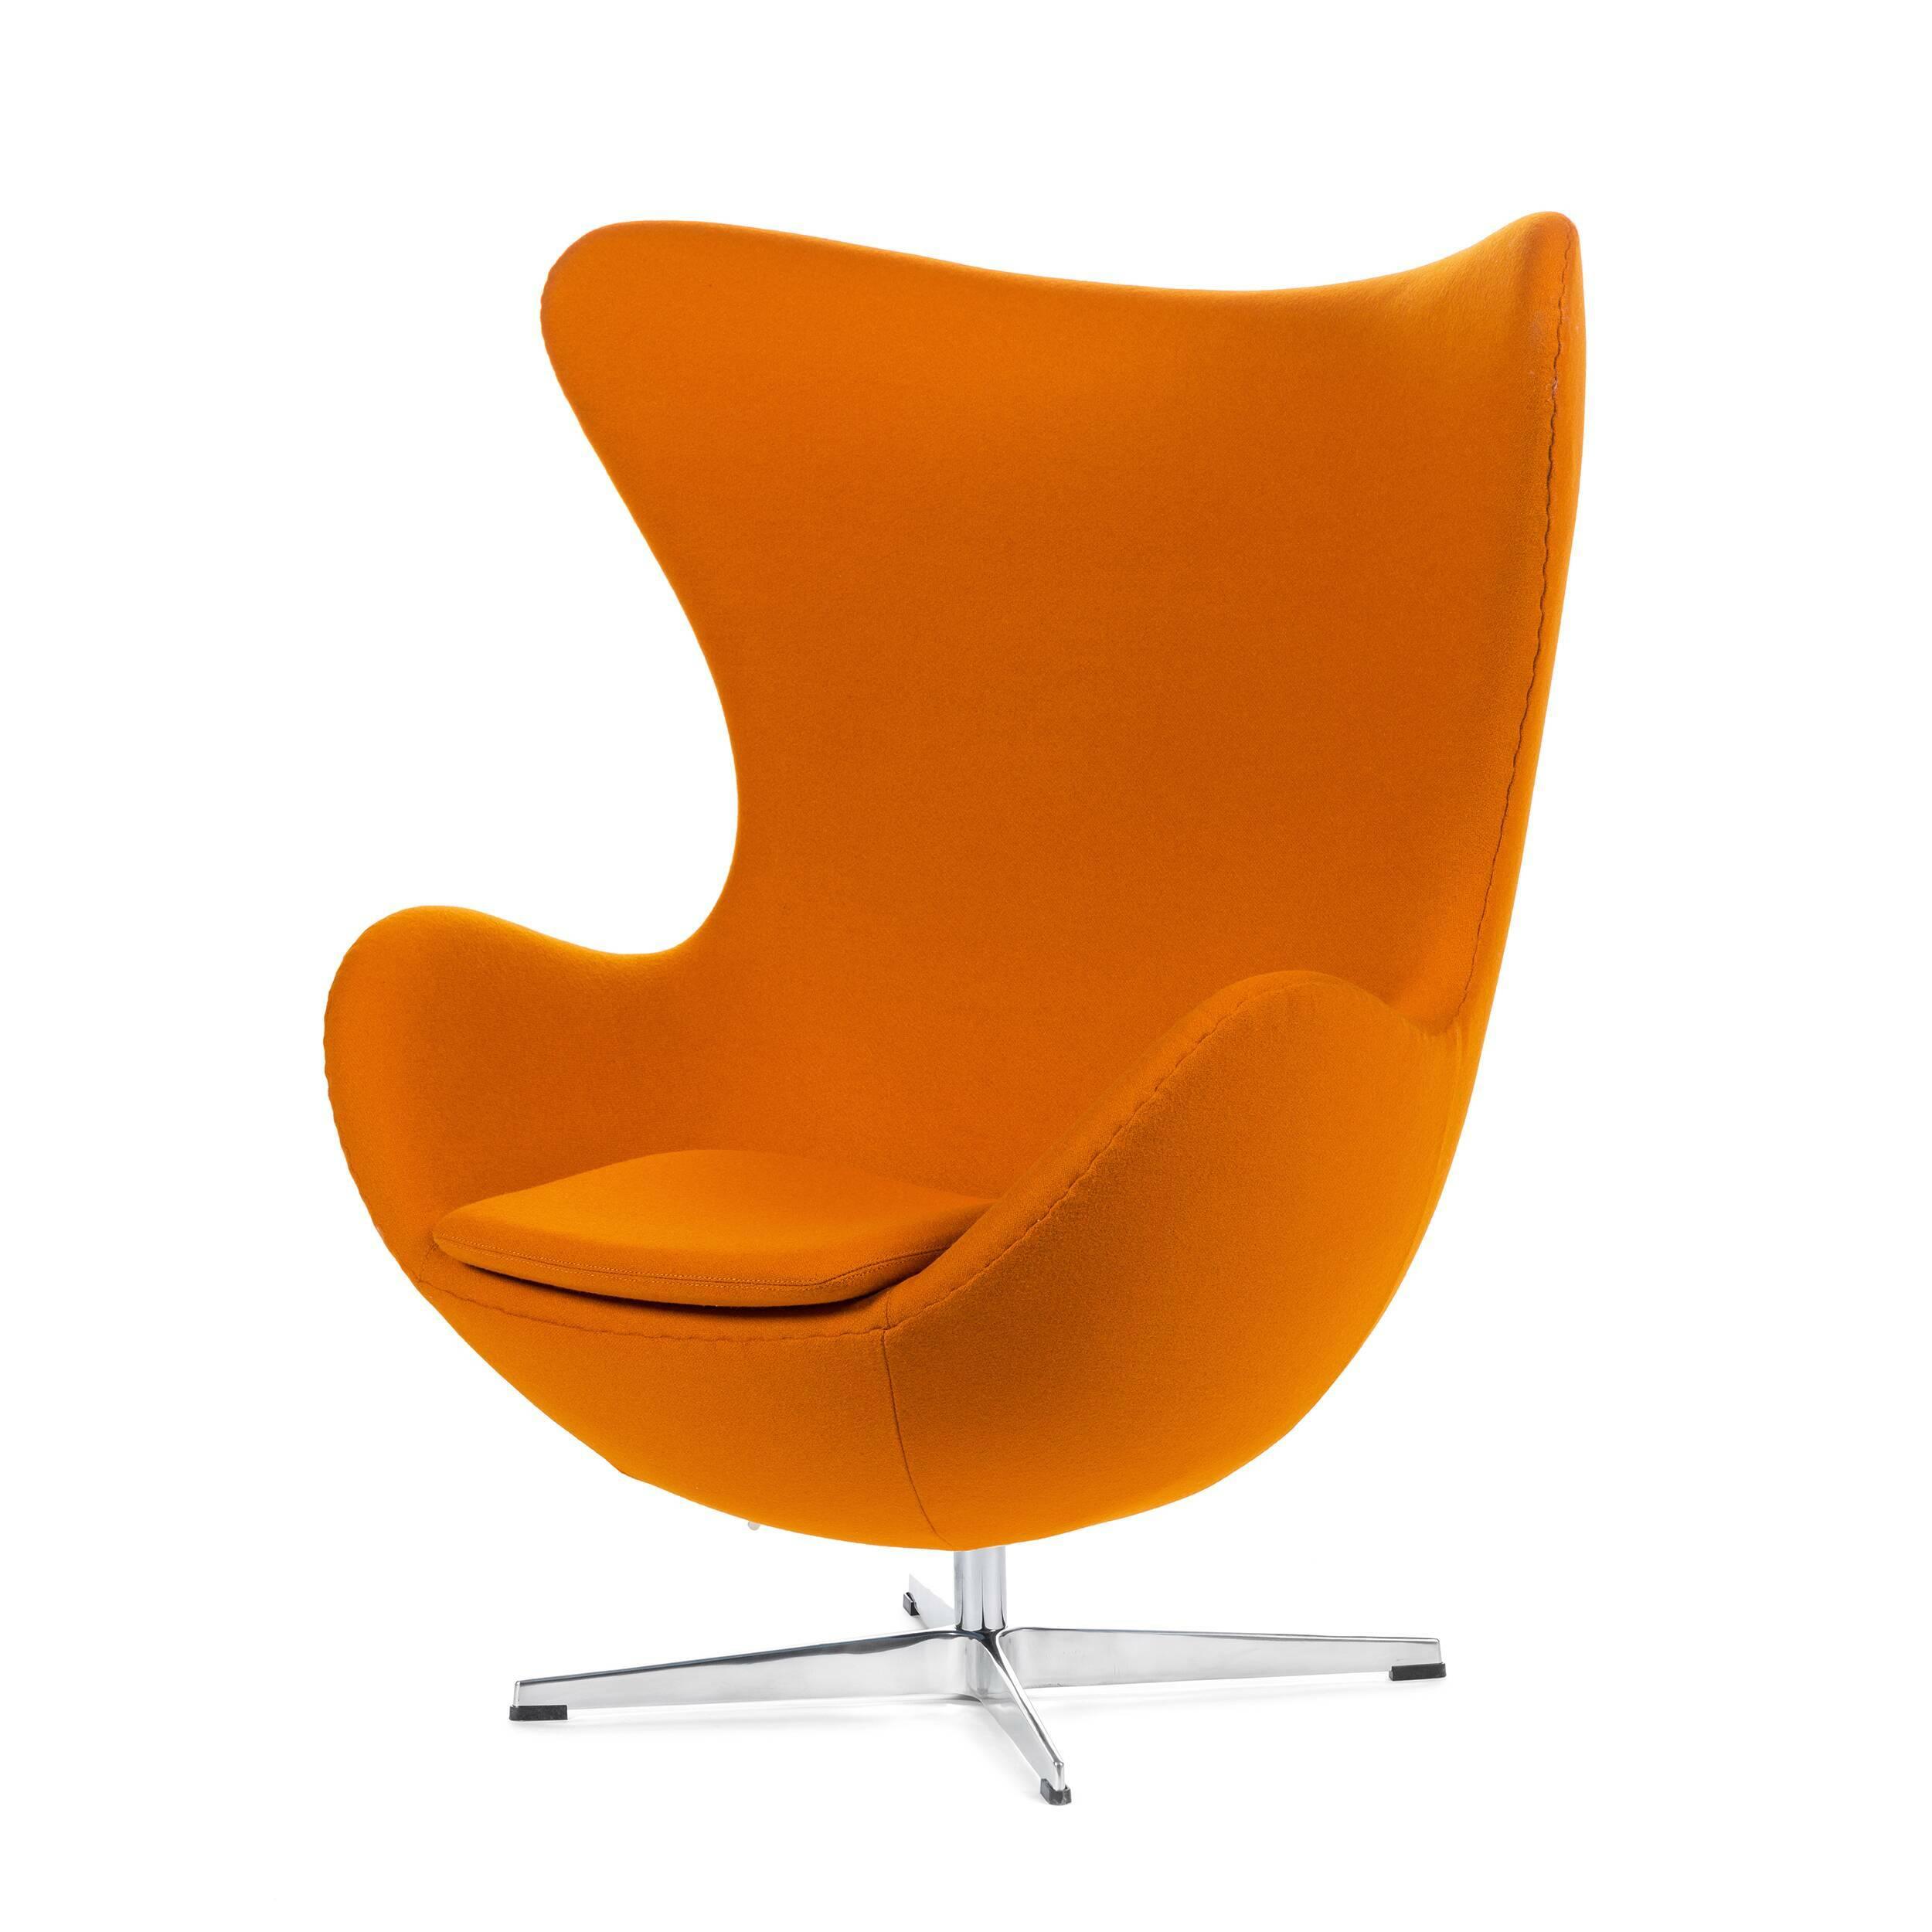 Кресло EggИнтерьерные<br>Дизайнерское комфортное кресло Egg (Эгг) в форме яйца на узкой ножке от Cosmo (Космо).<br><br><br> Кресло, своими очертаниями напоминающее яйцо, — одно из самых известных творений датского дизайнера Арне Якобсена. Вряд ли оно когда-нибудь выйдет из моды — уж слишком велик диапазон его интерьерных возможностей. Кроме того, обыгрывать данную форму помогают различные фактуры и цвета обивок.<br><br><br> Особенно приятно и солидно смотрится оригинальное кресло Egg в обивке из натуральной кожи, представлен...<br><br>stock: 0<br>Высота: 105,5<br>Высота сиденья: 41<br>Ширина: 87<br>Глубина: 82<br>Цвет ножек: Хром<br>Материал обивки: Шерсть, Нейлон<br>Коллекция ткани: T Fabric<br>Тип материала обивки: Ткань<br>Тип материала ножек: Алюминий<br>Цвет обивки: Оранжевый